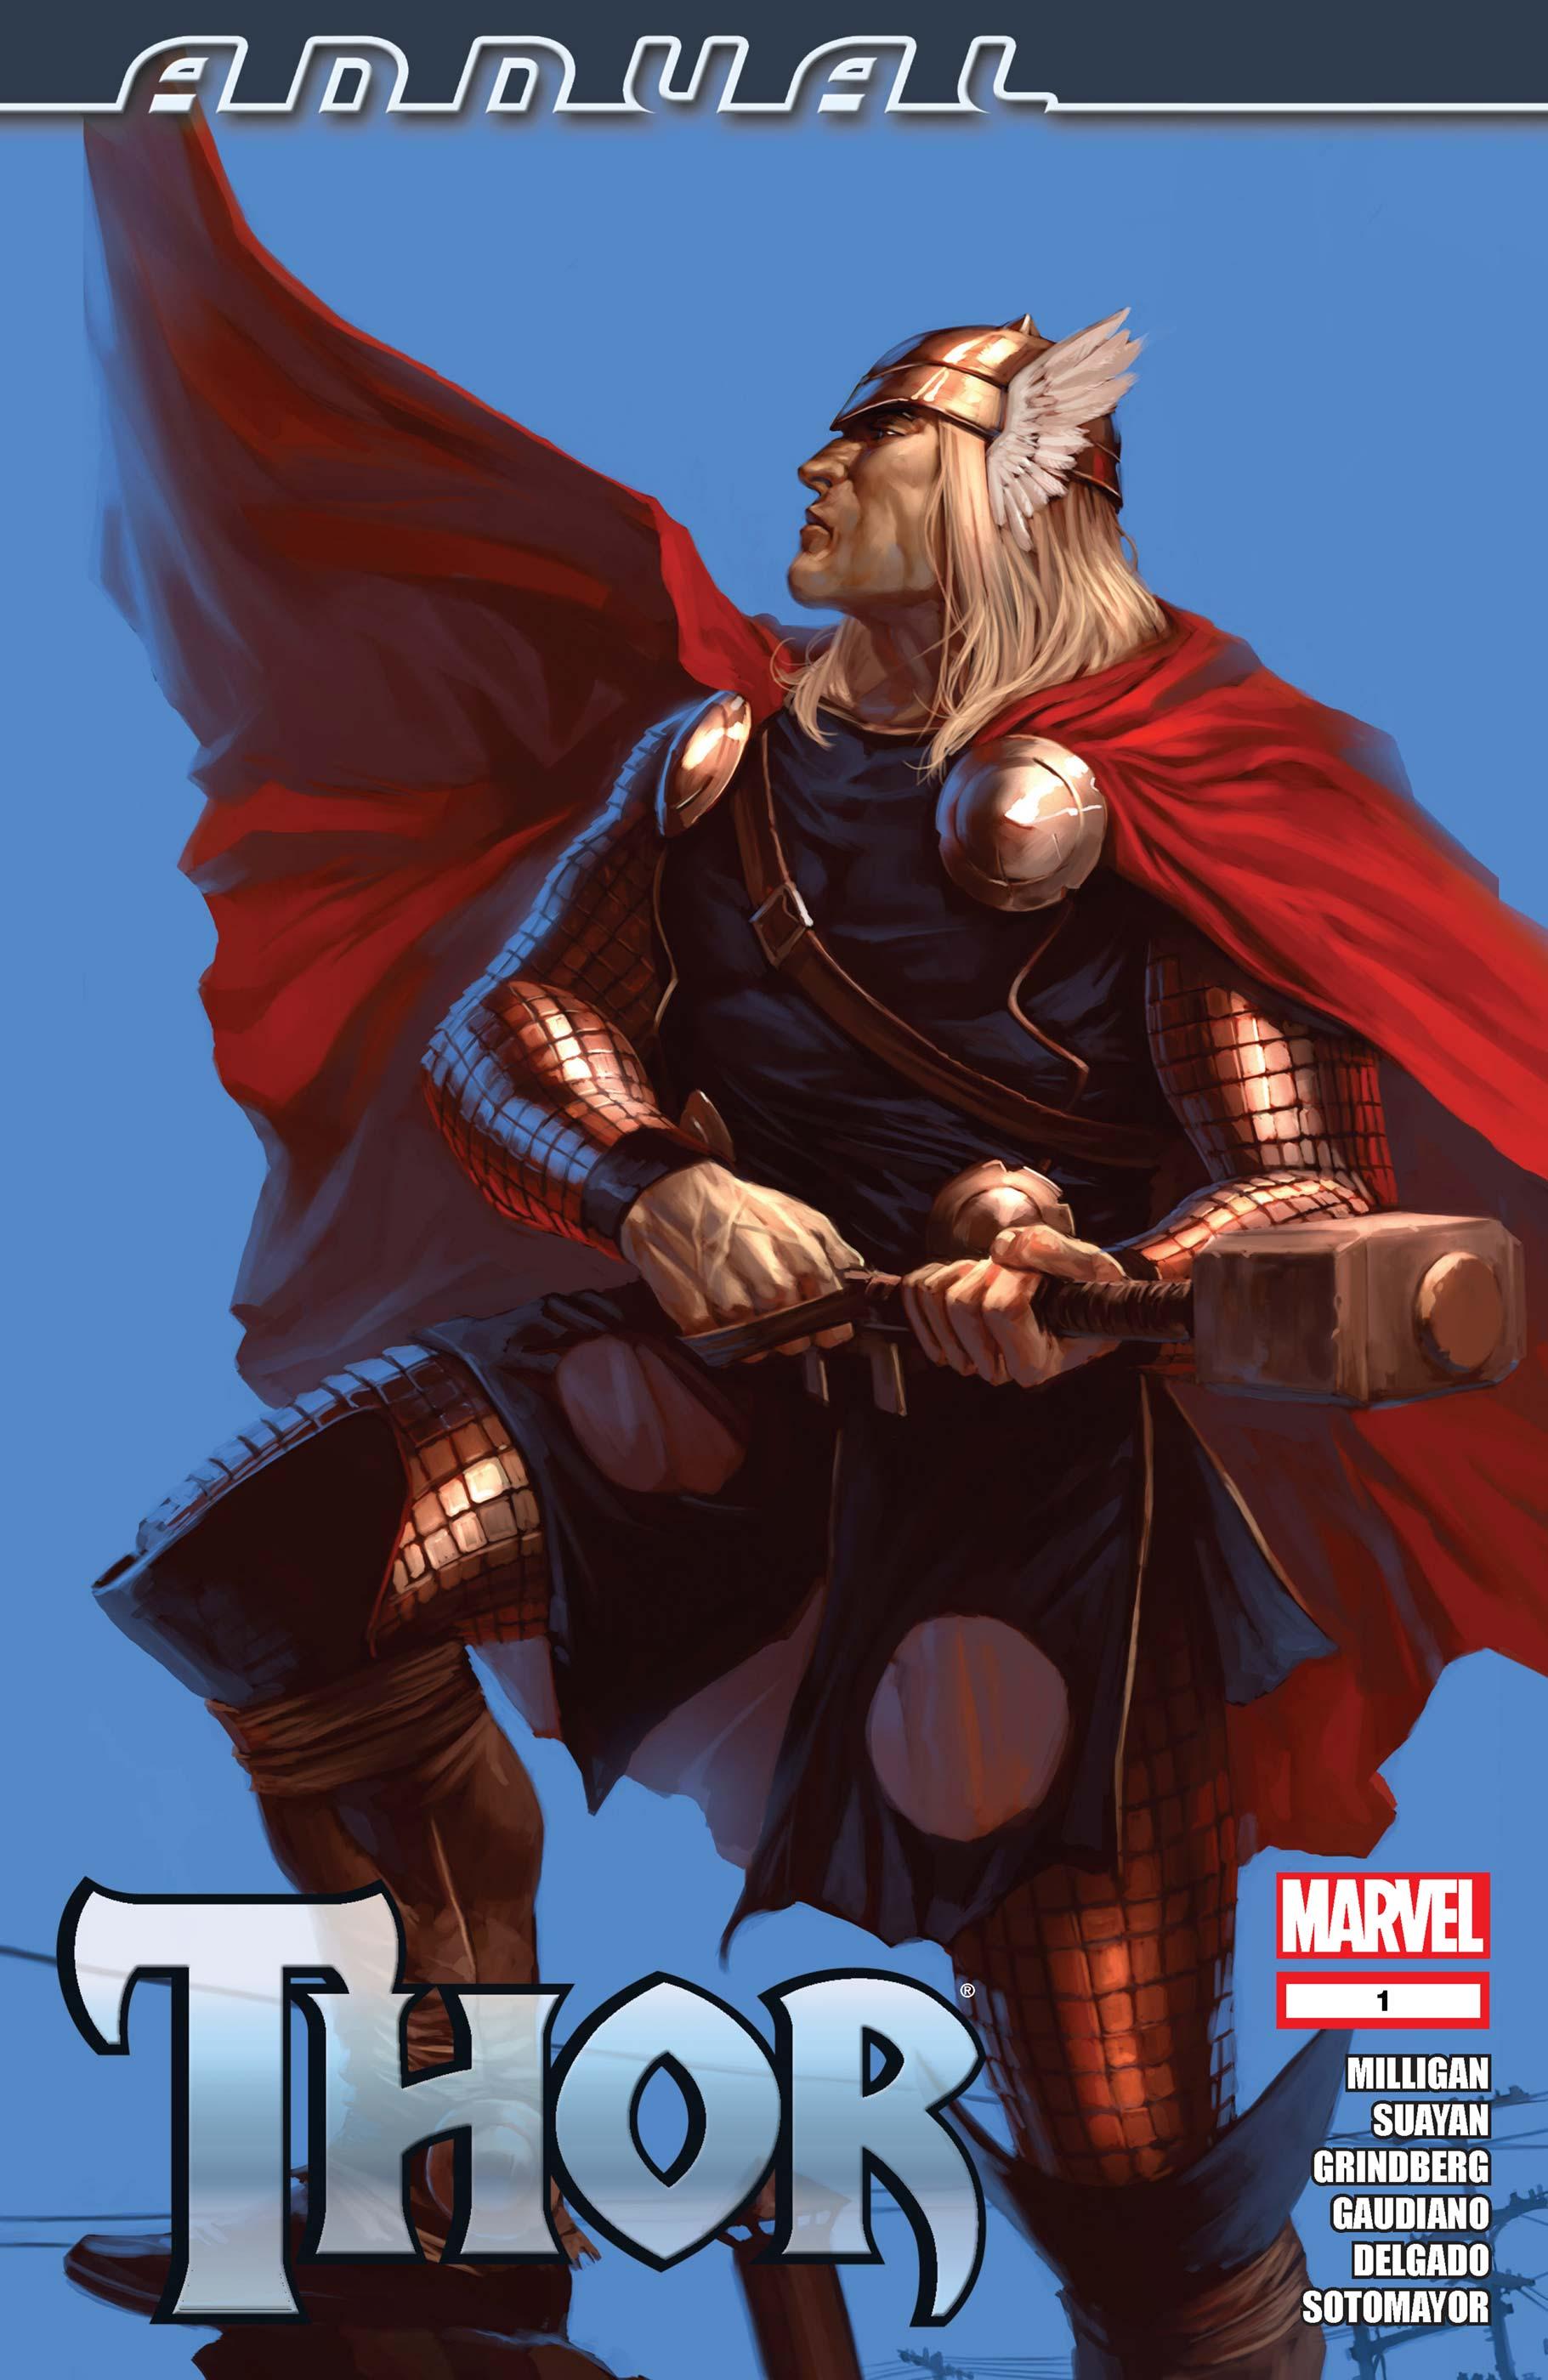 Thor Annual (2009) #1